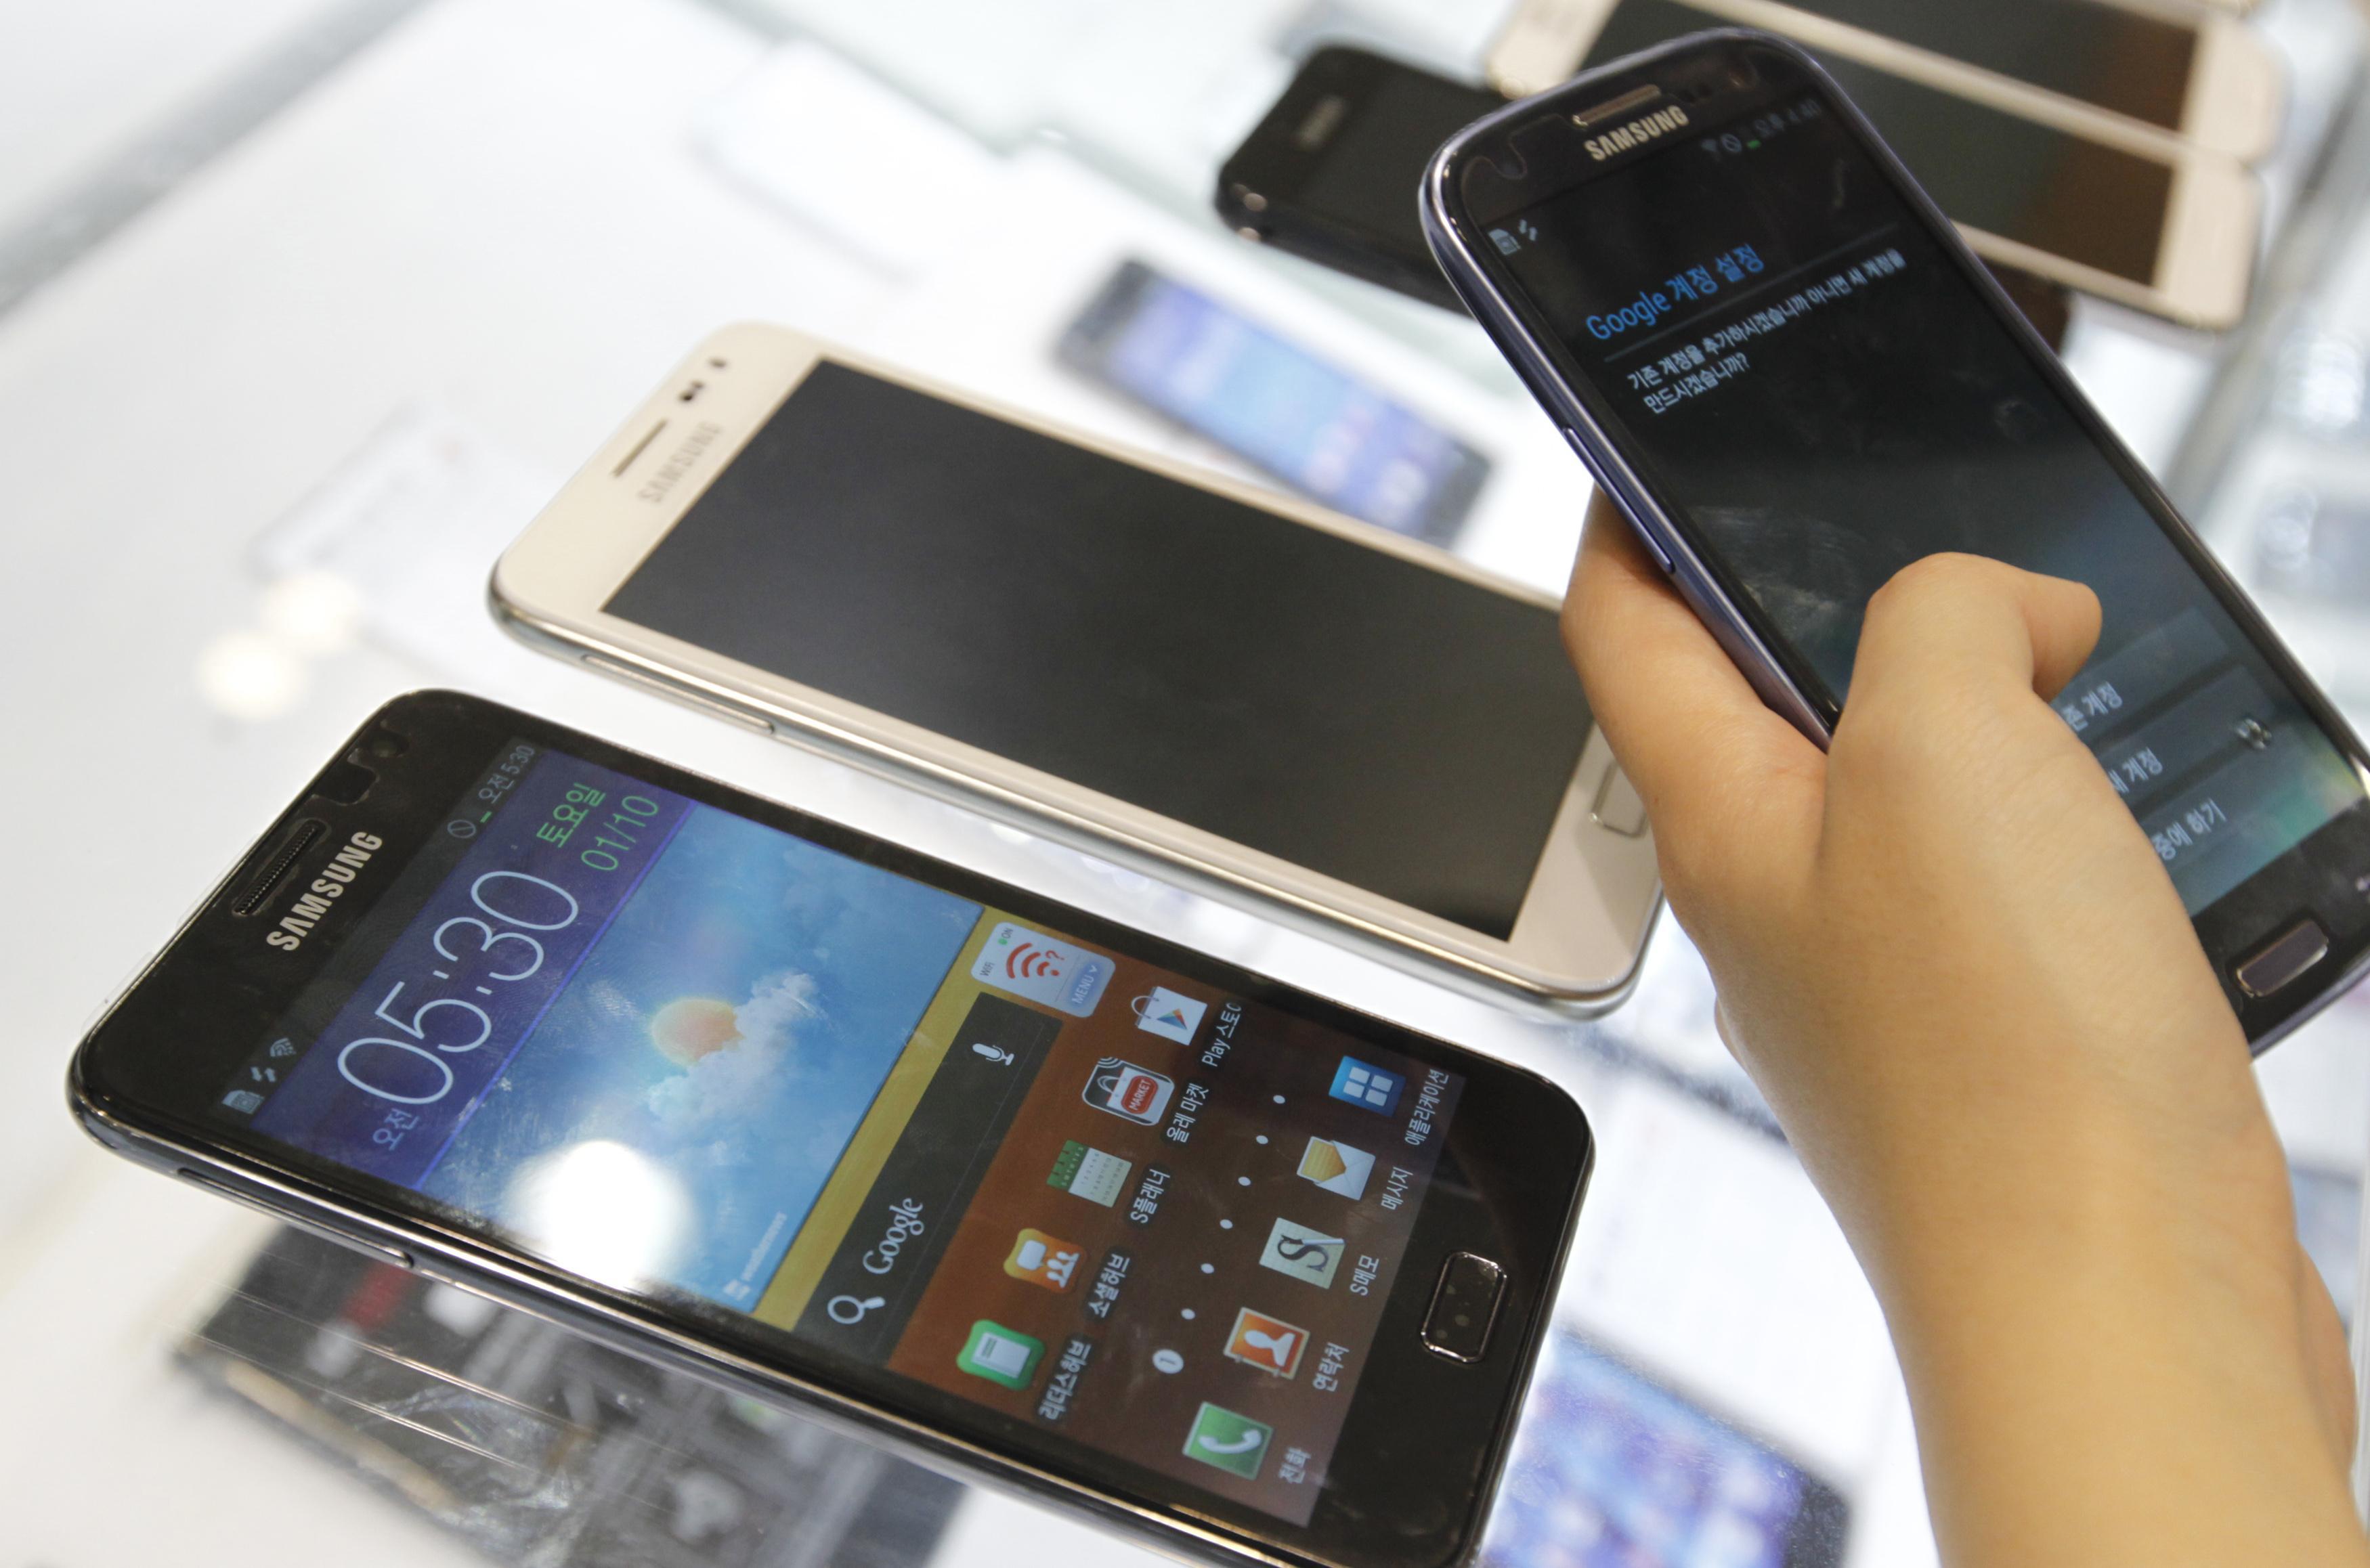 Взять ли телефон в кредит оплатить кредит европа банк через сбербанк онлайн